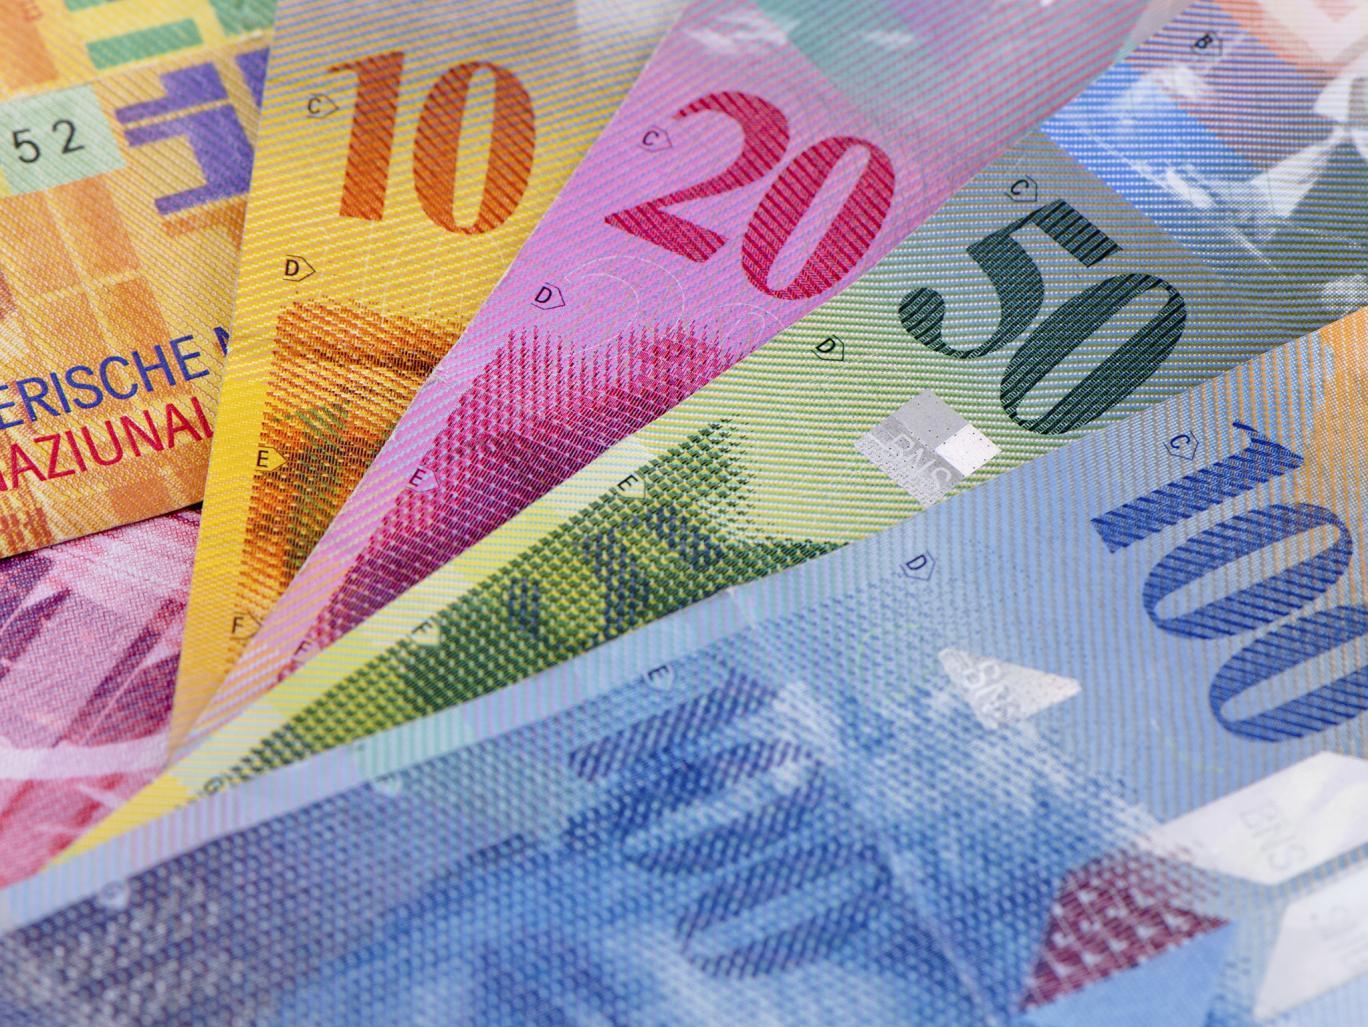 В Швейцарии вынесут на референдум вопрос о безусловном доходе для всех граждан - 1